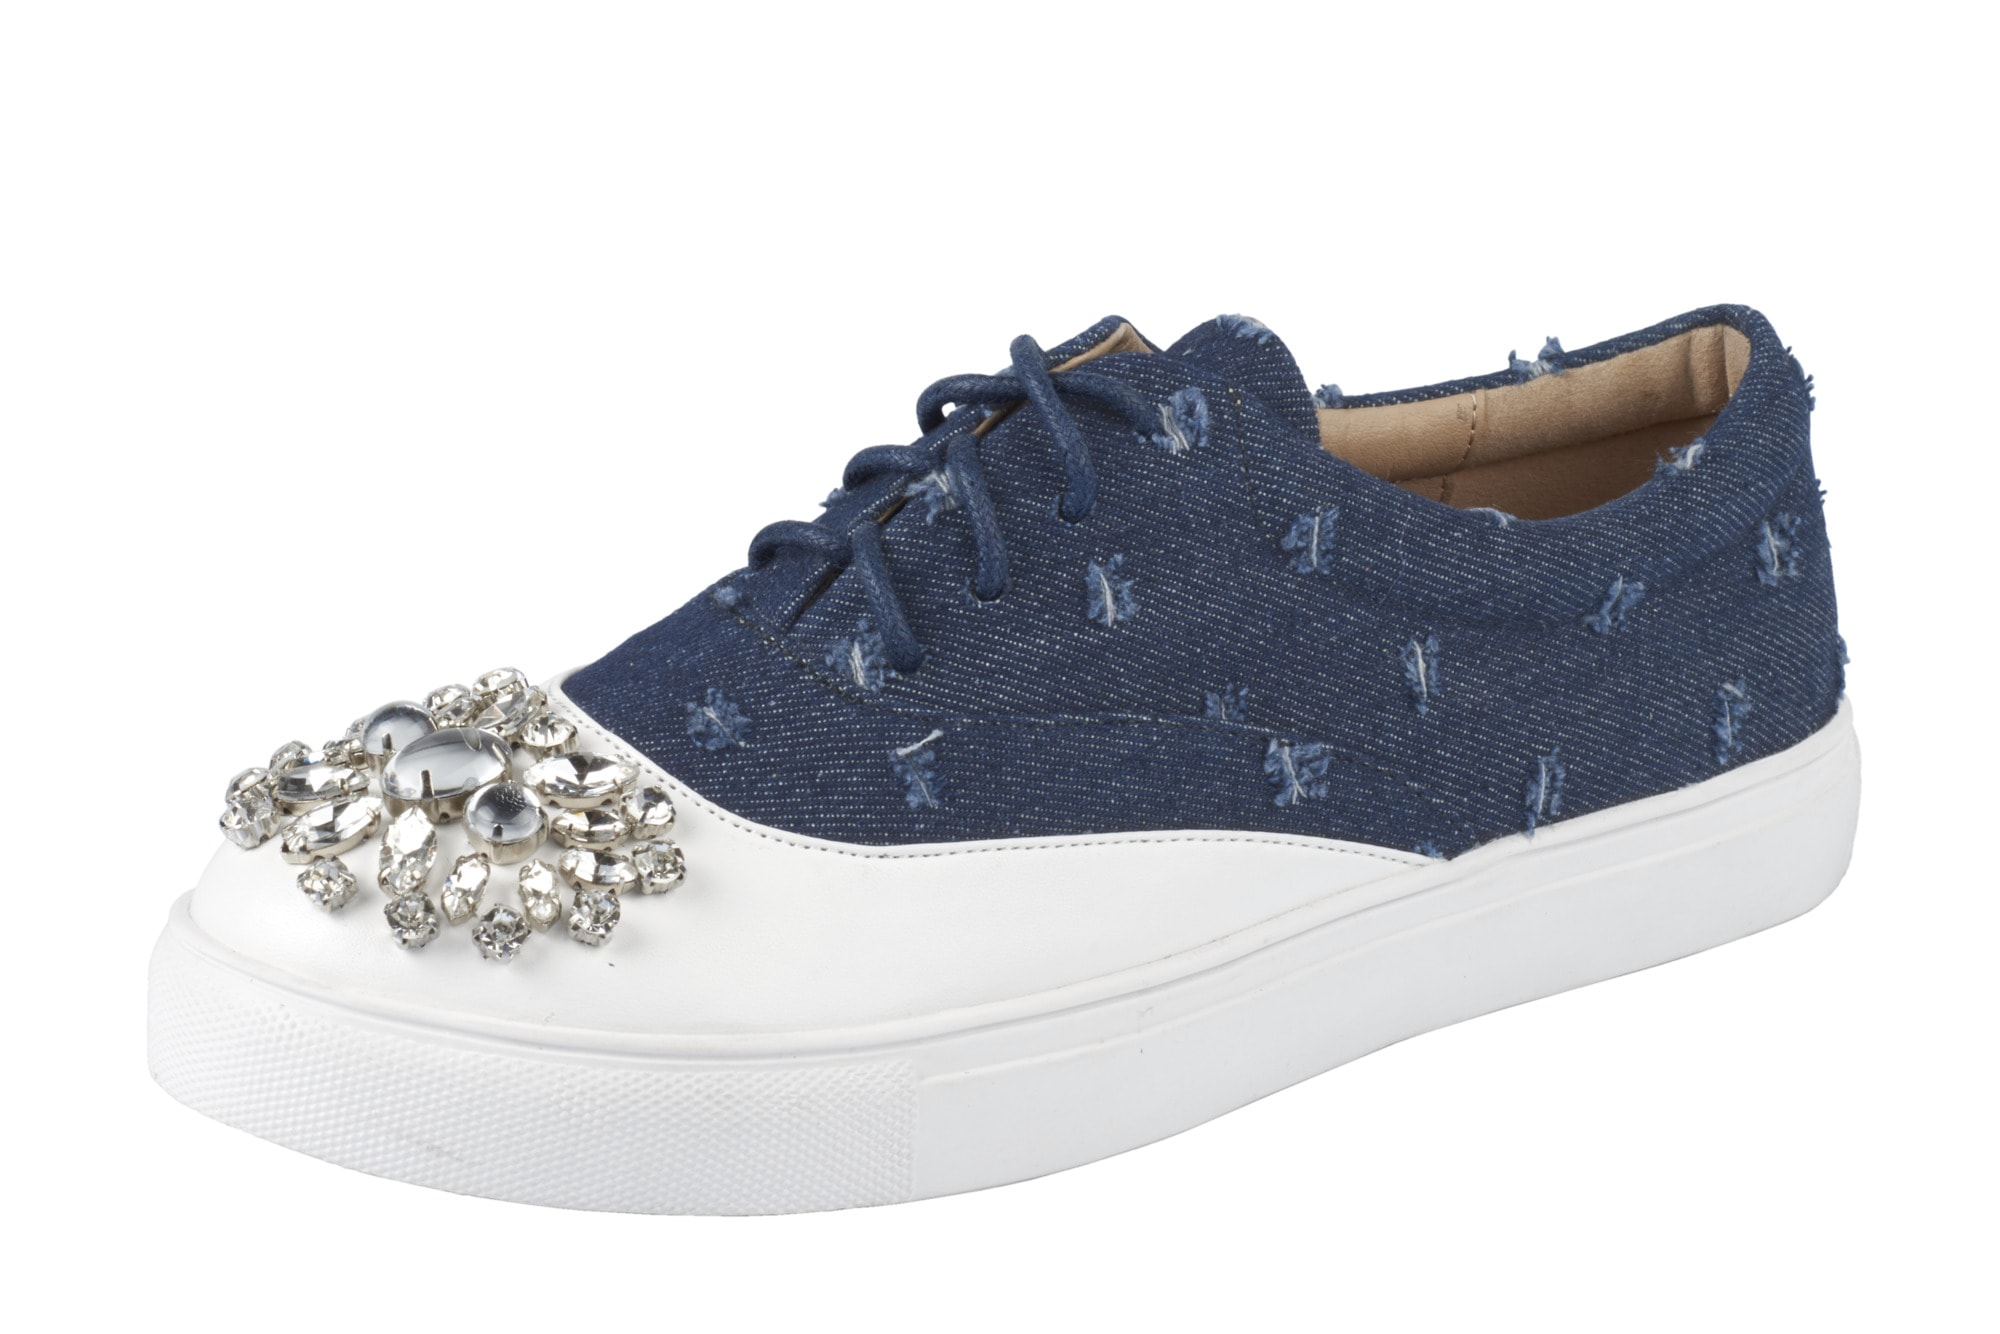 Heine Sneaker mit Schmucksteinen Schmucksteinen Schmucksteinen online kaufen | Gutes Preis-Leistungs-Verhältnis, es lohnt sich 66614f